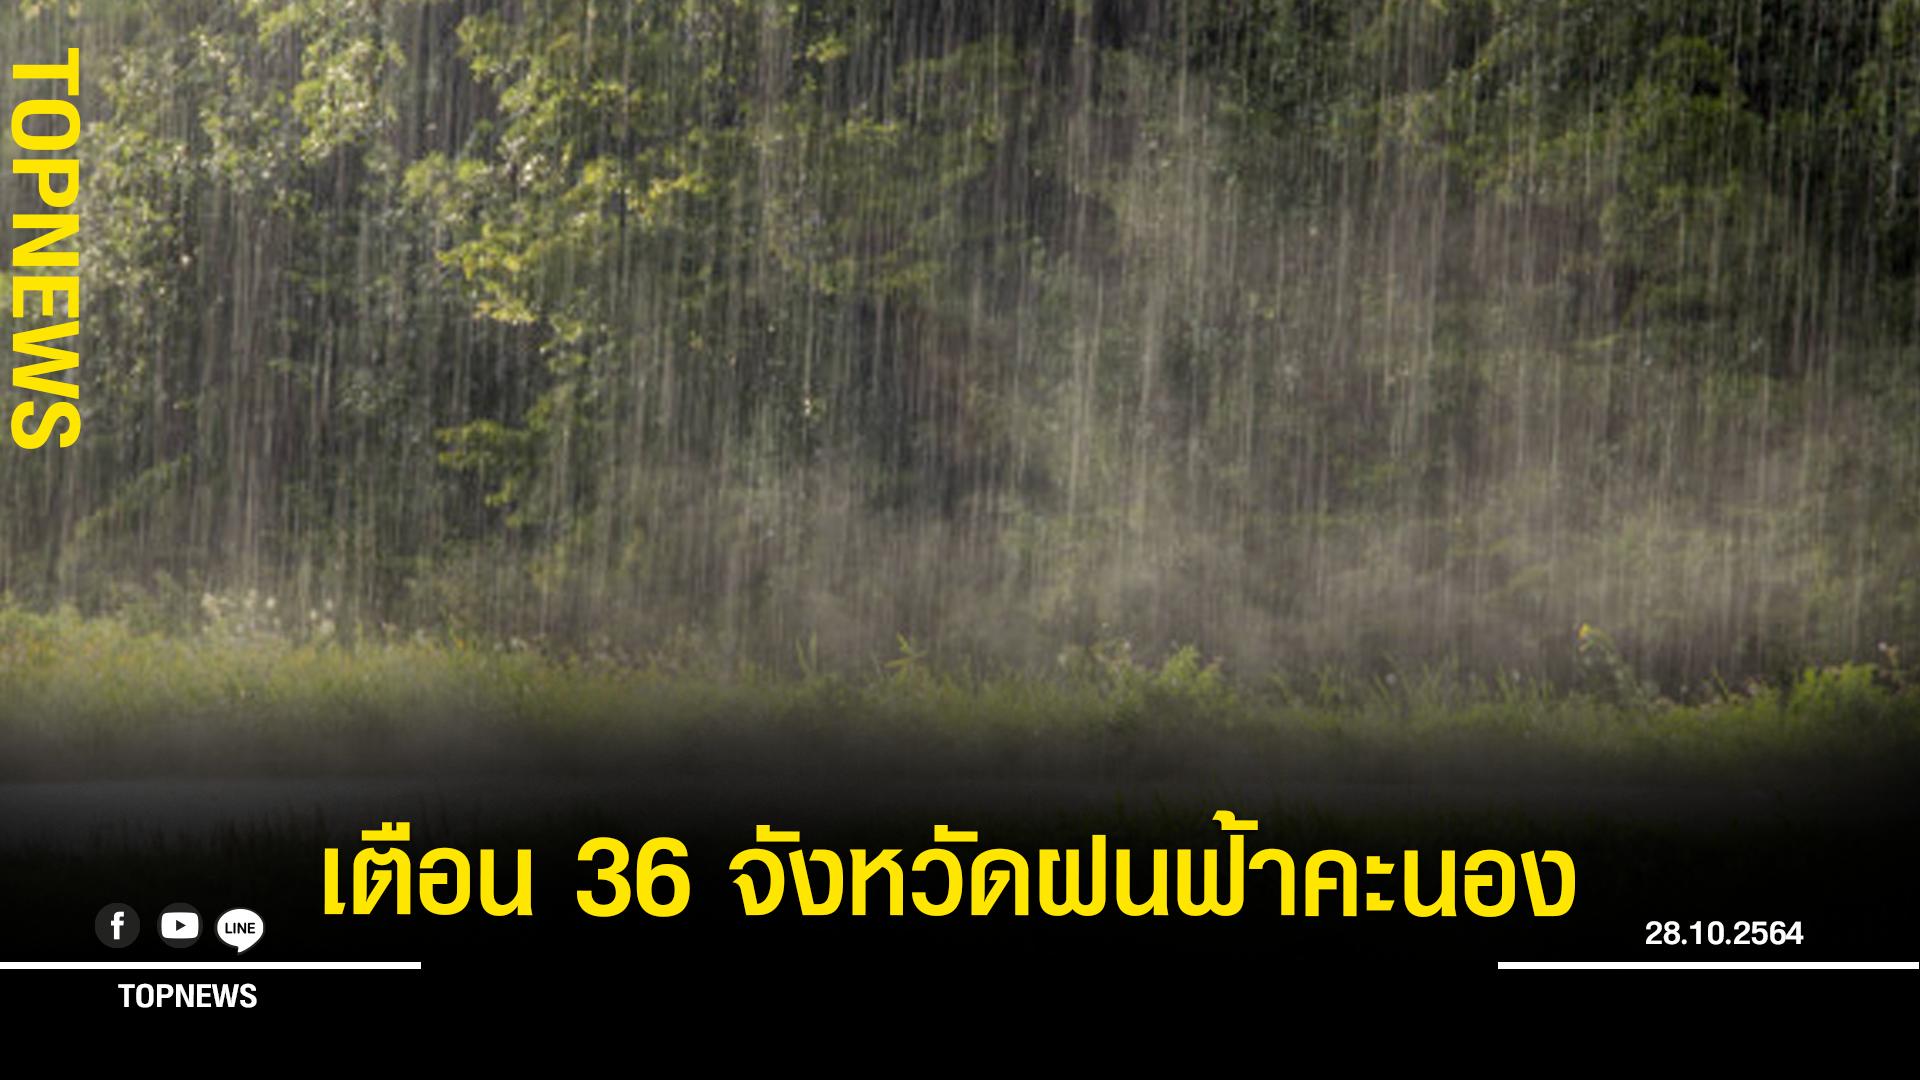 สภาพอากาศวันนี้! กรมอุตุฯ เตือน 36 จังหวัด ฝนฟ้าคะนอง!